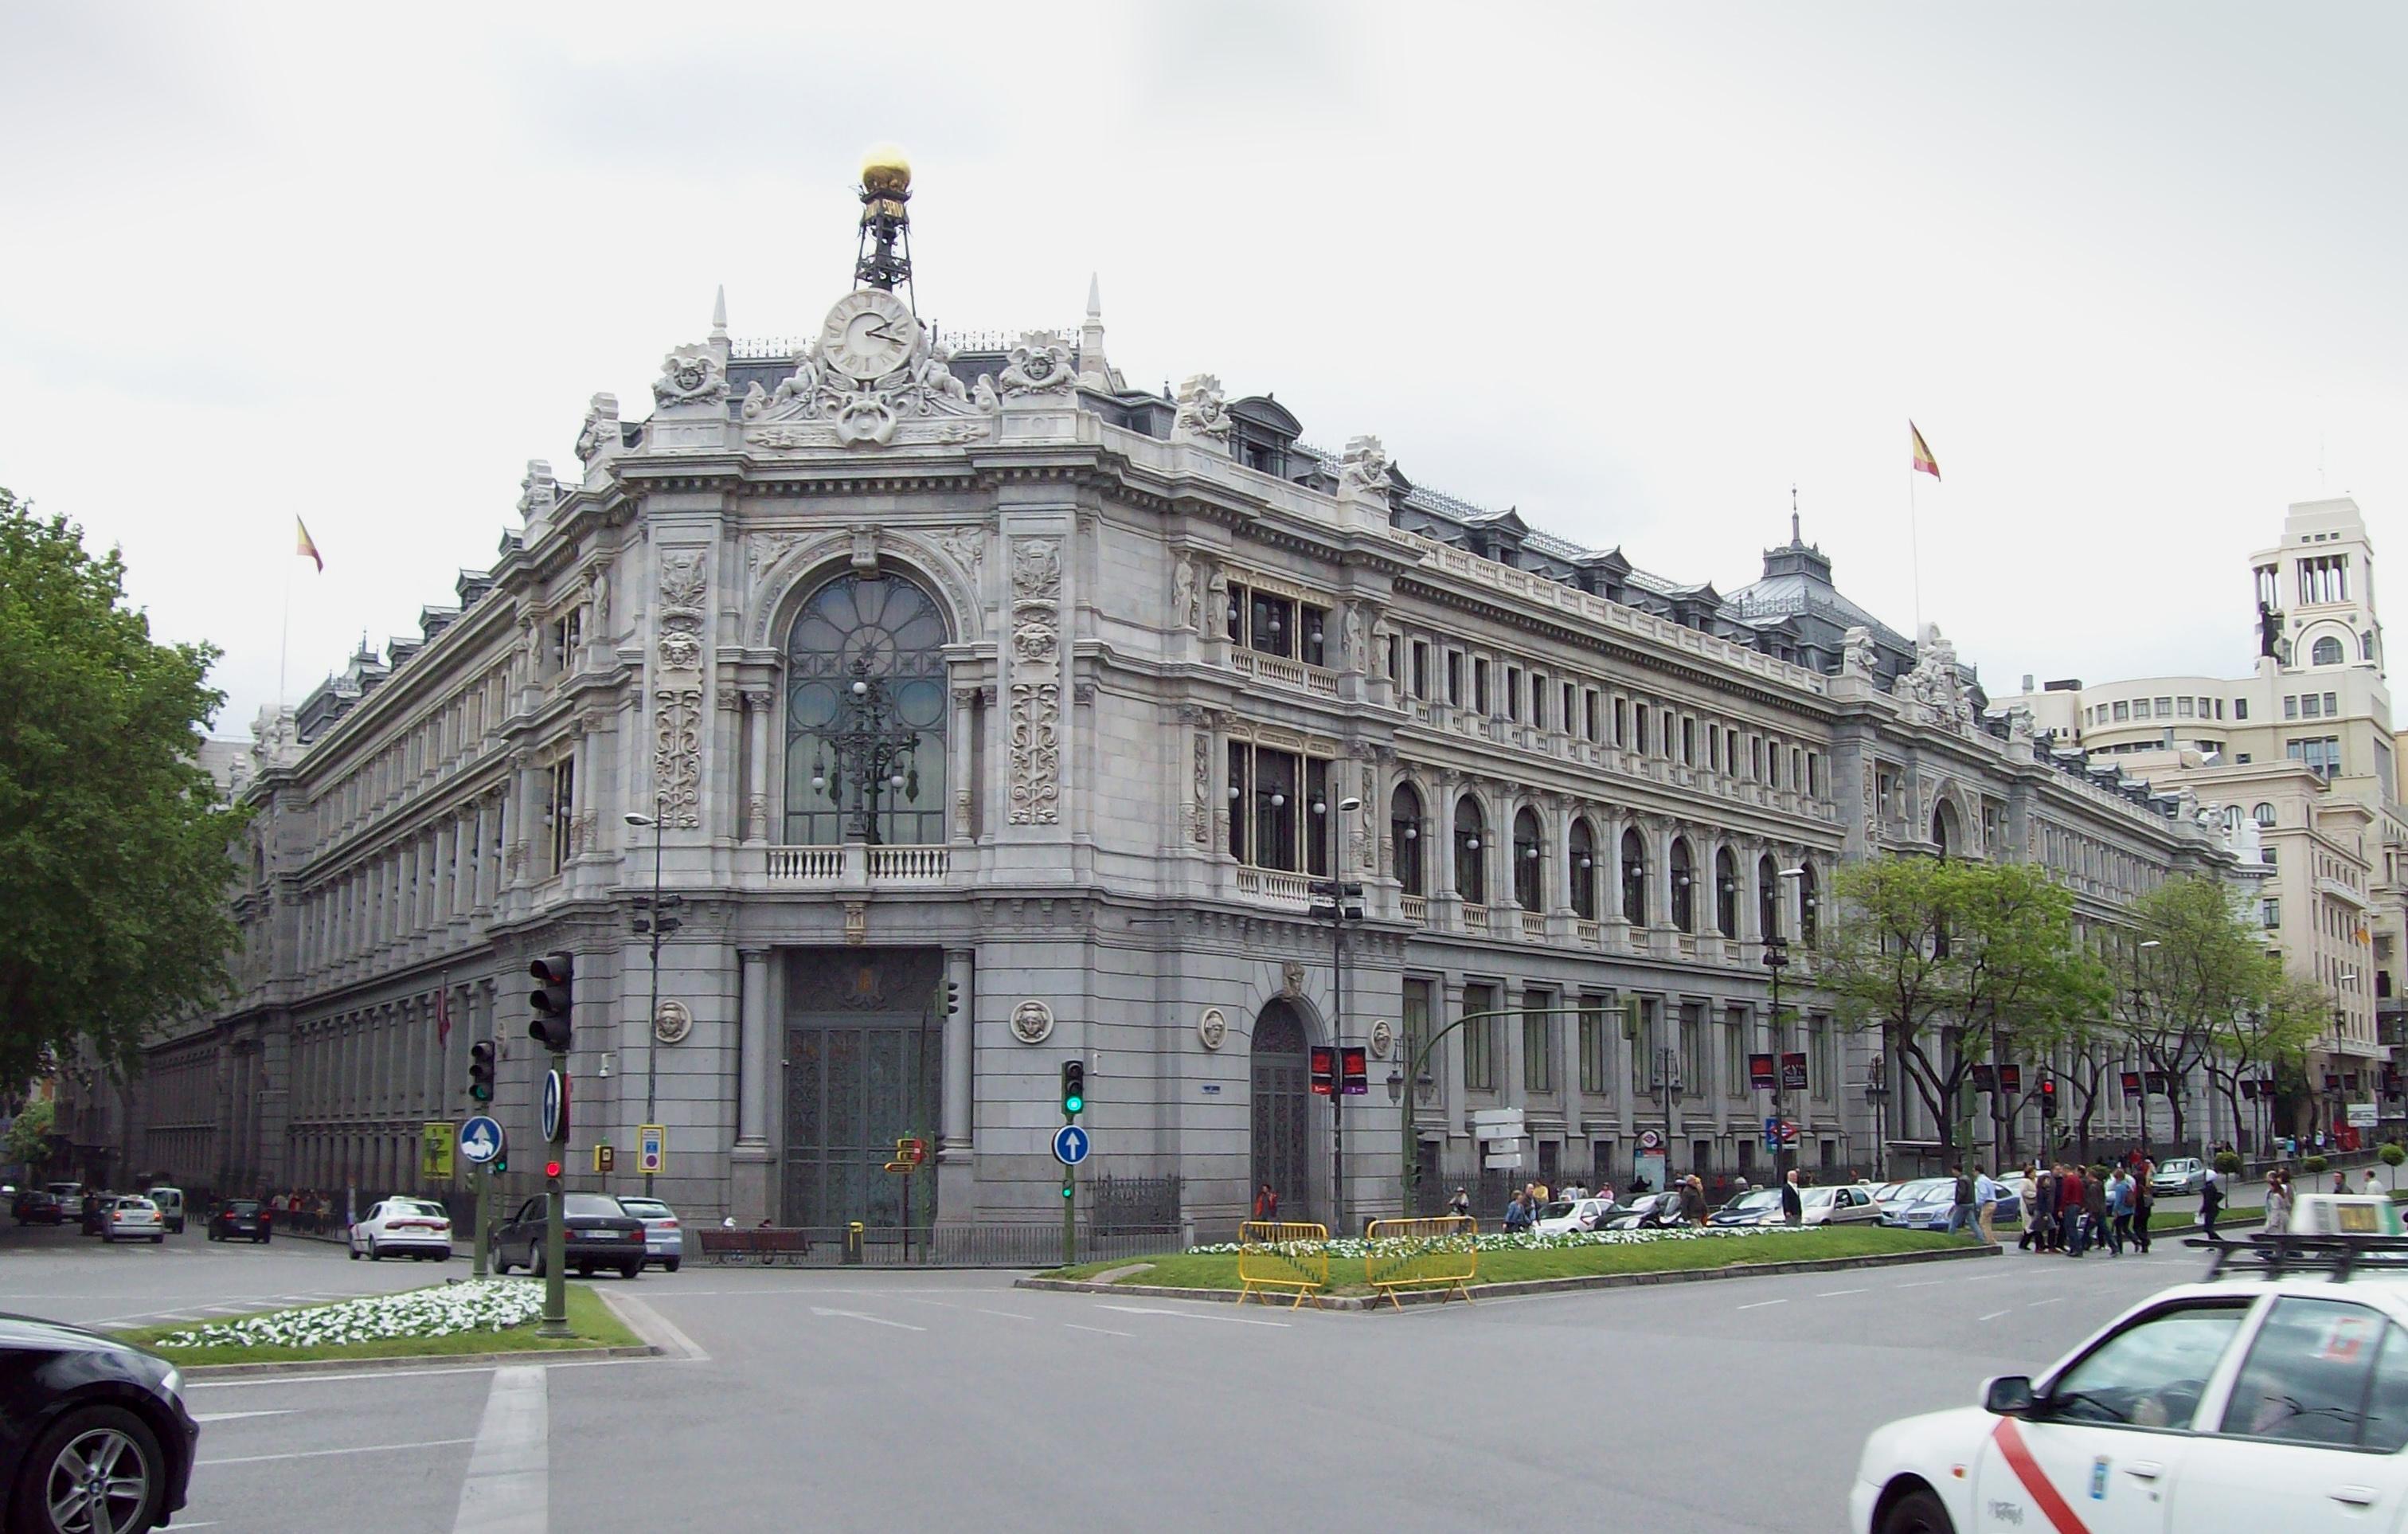 El Banco de España restaura su histórica fachada